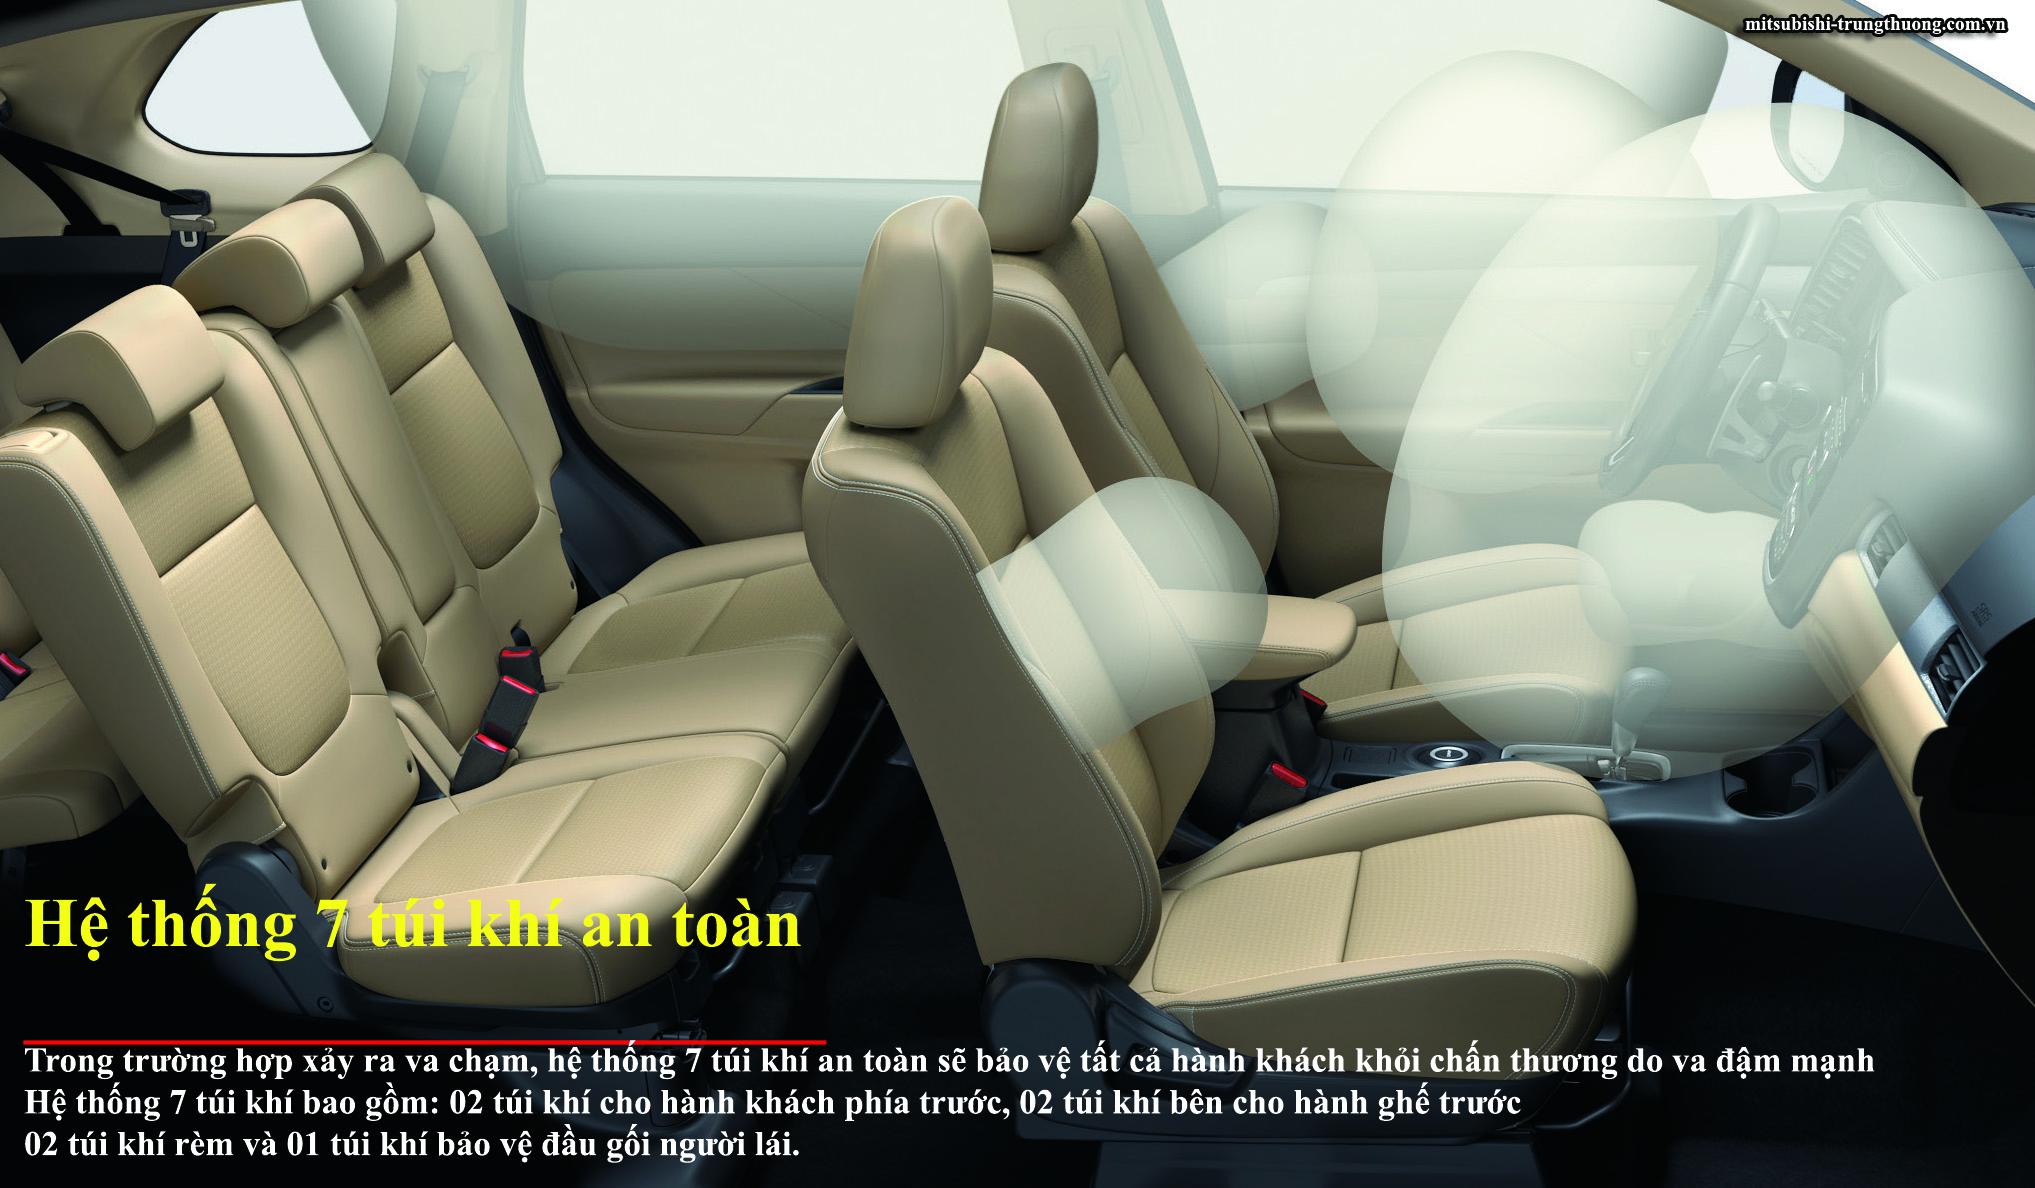 Mitsubishi Outlander 1 cầu 2.0 STD trang bị 7 túi khí an toàn